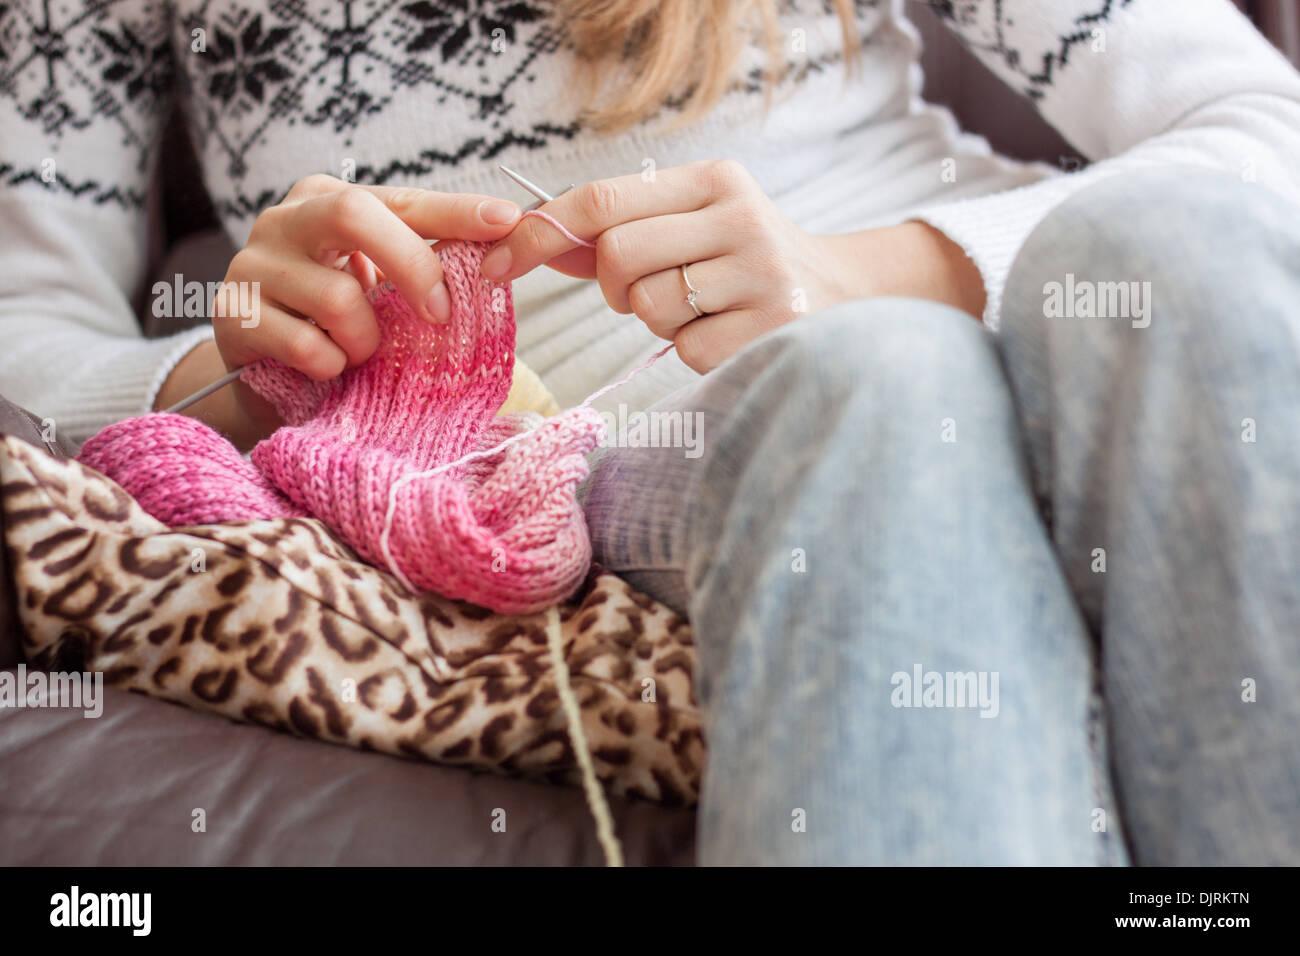 a7bcddbb0829 Mains tricot aiguilles à tricoter  fille  femme libre passe-temps artisanat  coloré de fils de suture